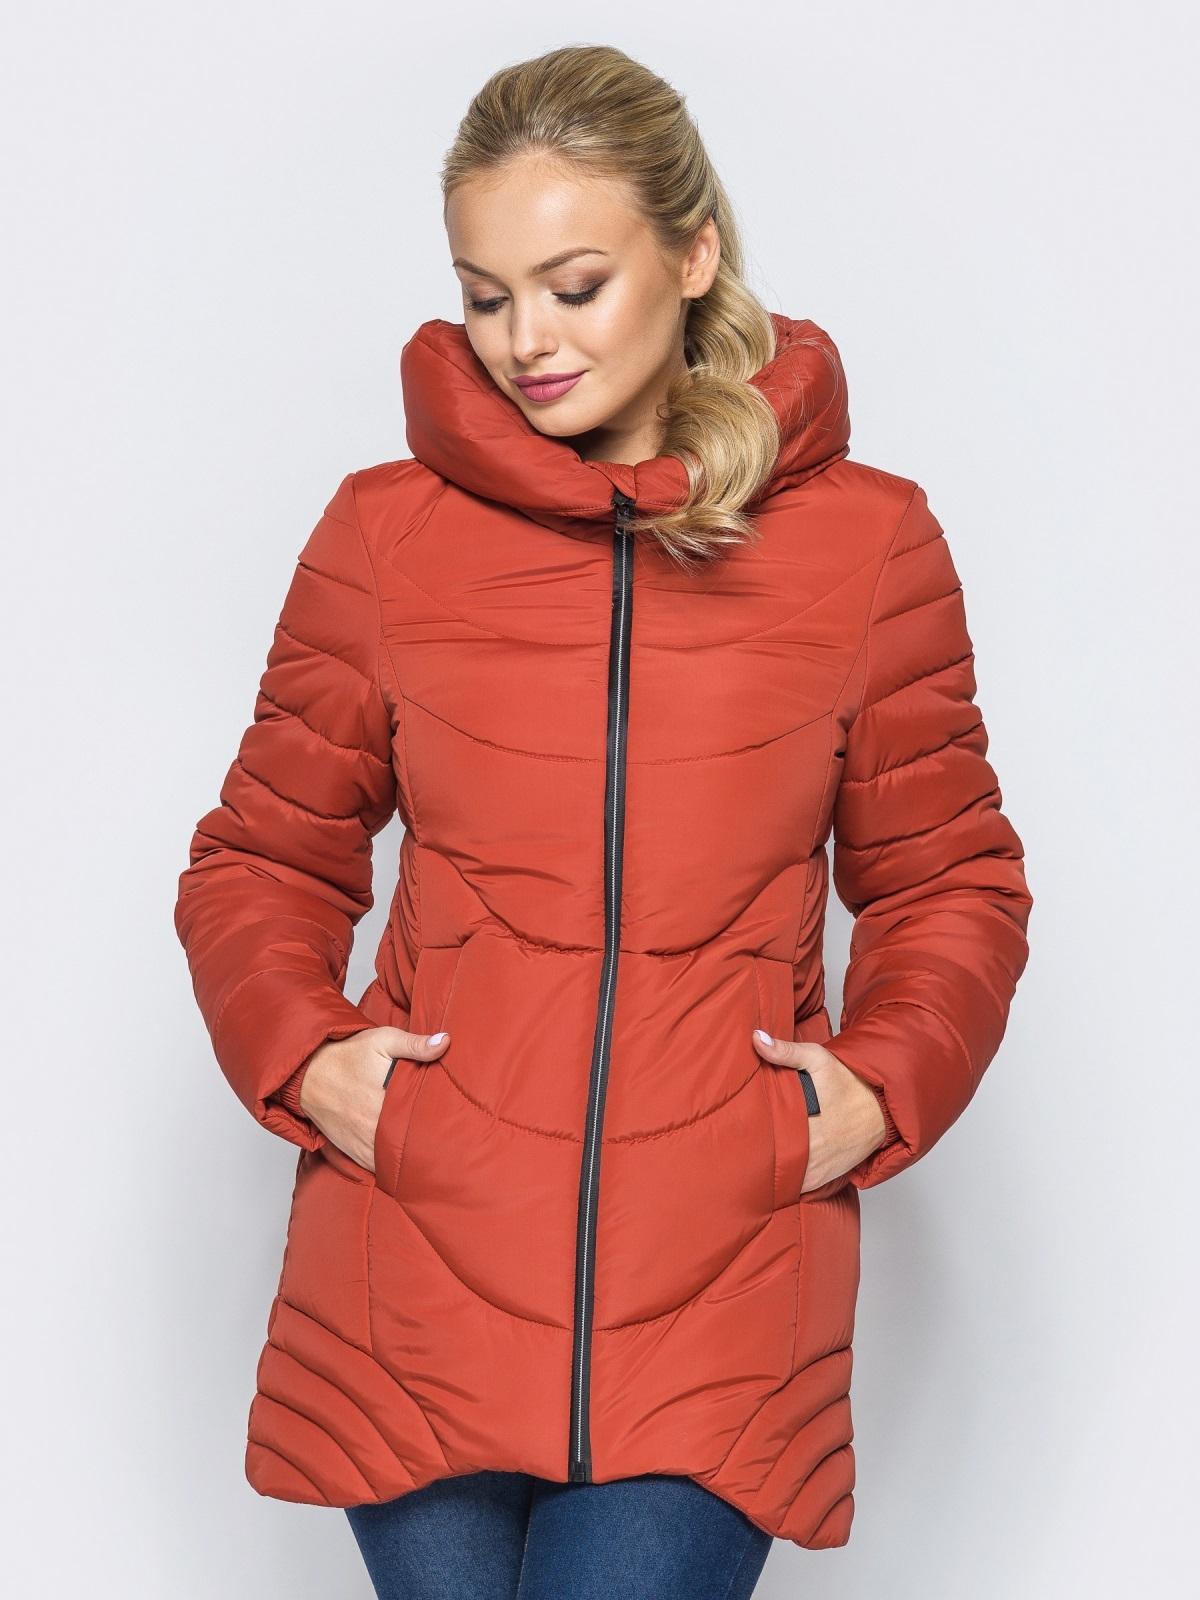 Удлиненная куртка с капюшоном и ассиметричным низом оранжевая - 16965, фото 1 – интернет-магазин Dressa